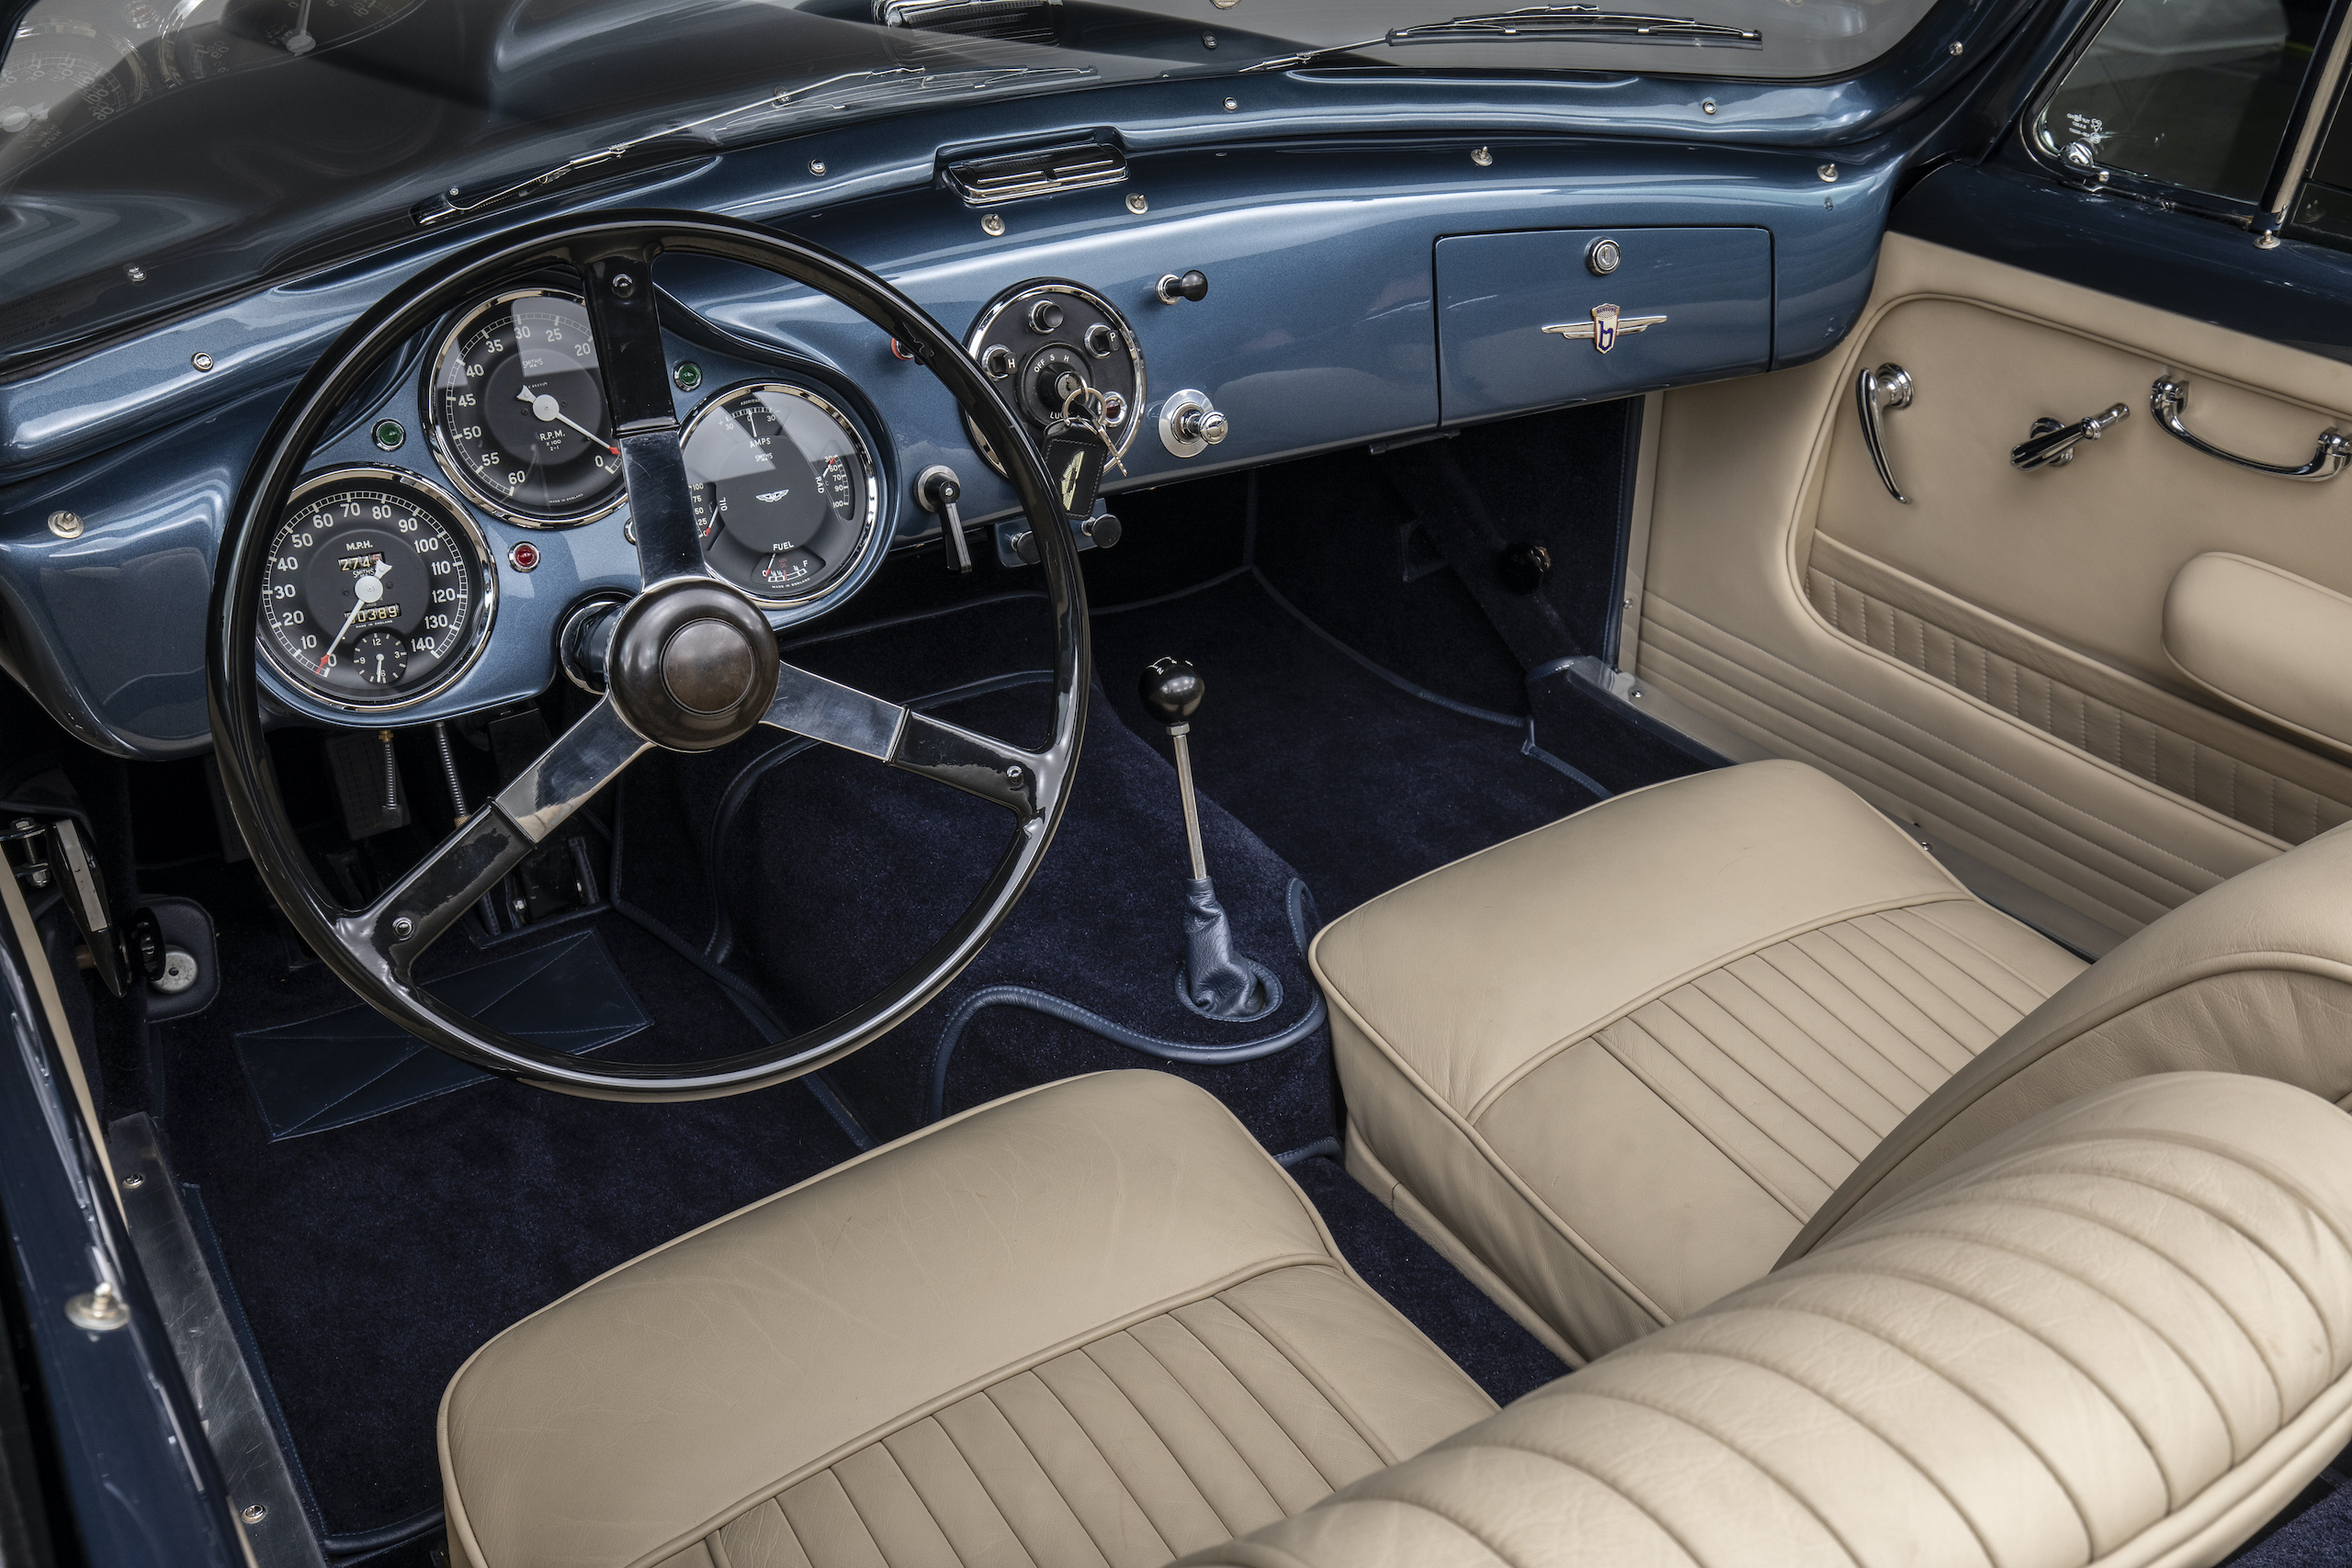 aston martin db4 drophead coupe bertone interior